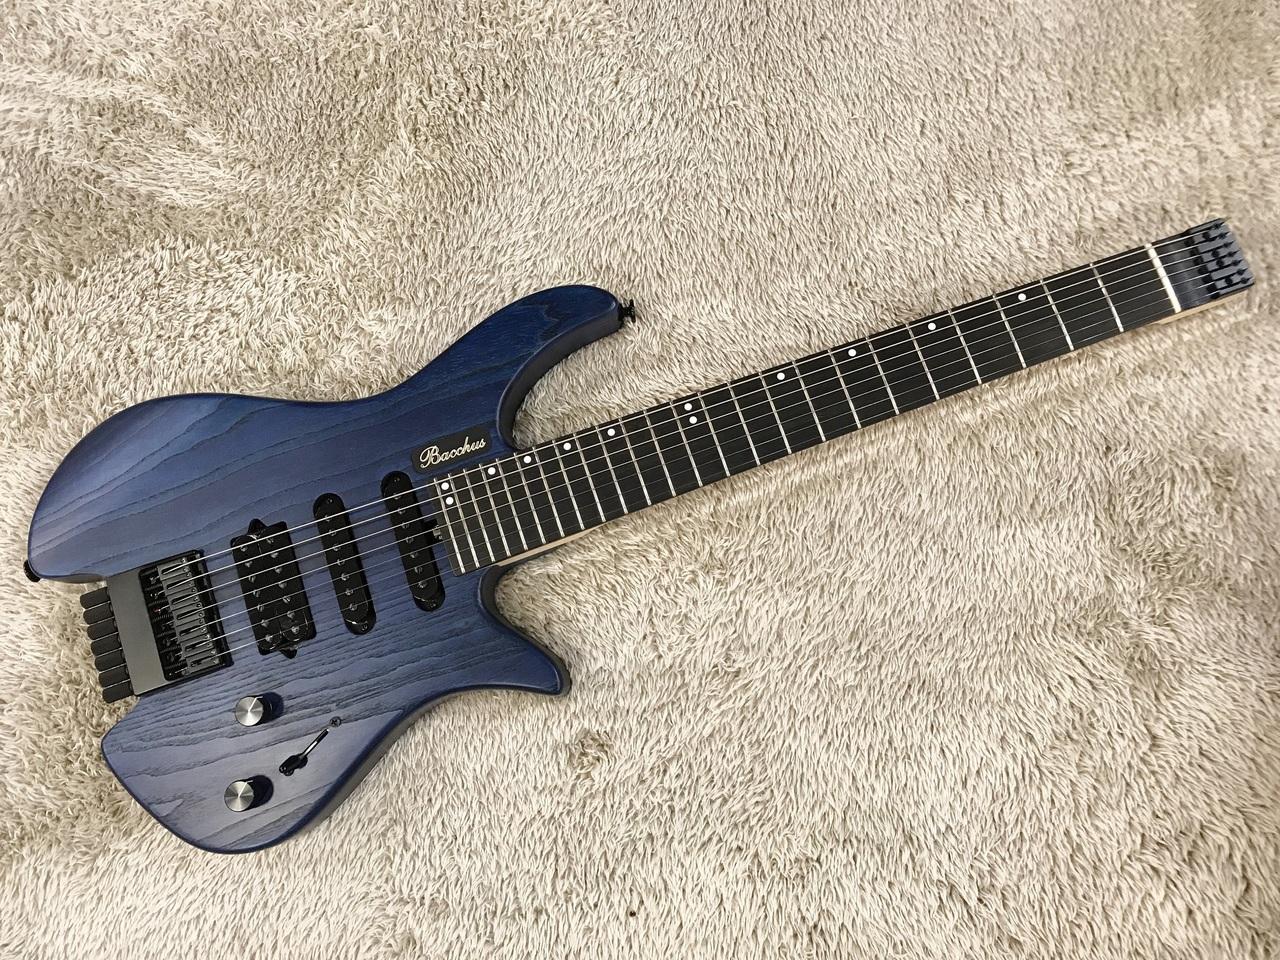 Bacchus G7-HL/ASH/E BLU/OIL 【アウトレット特価】【限定モデル】【日本製】【7弦ギター】